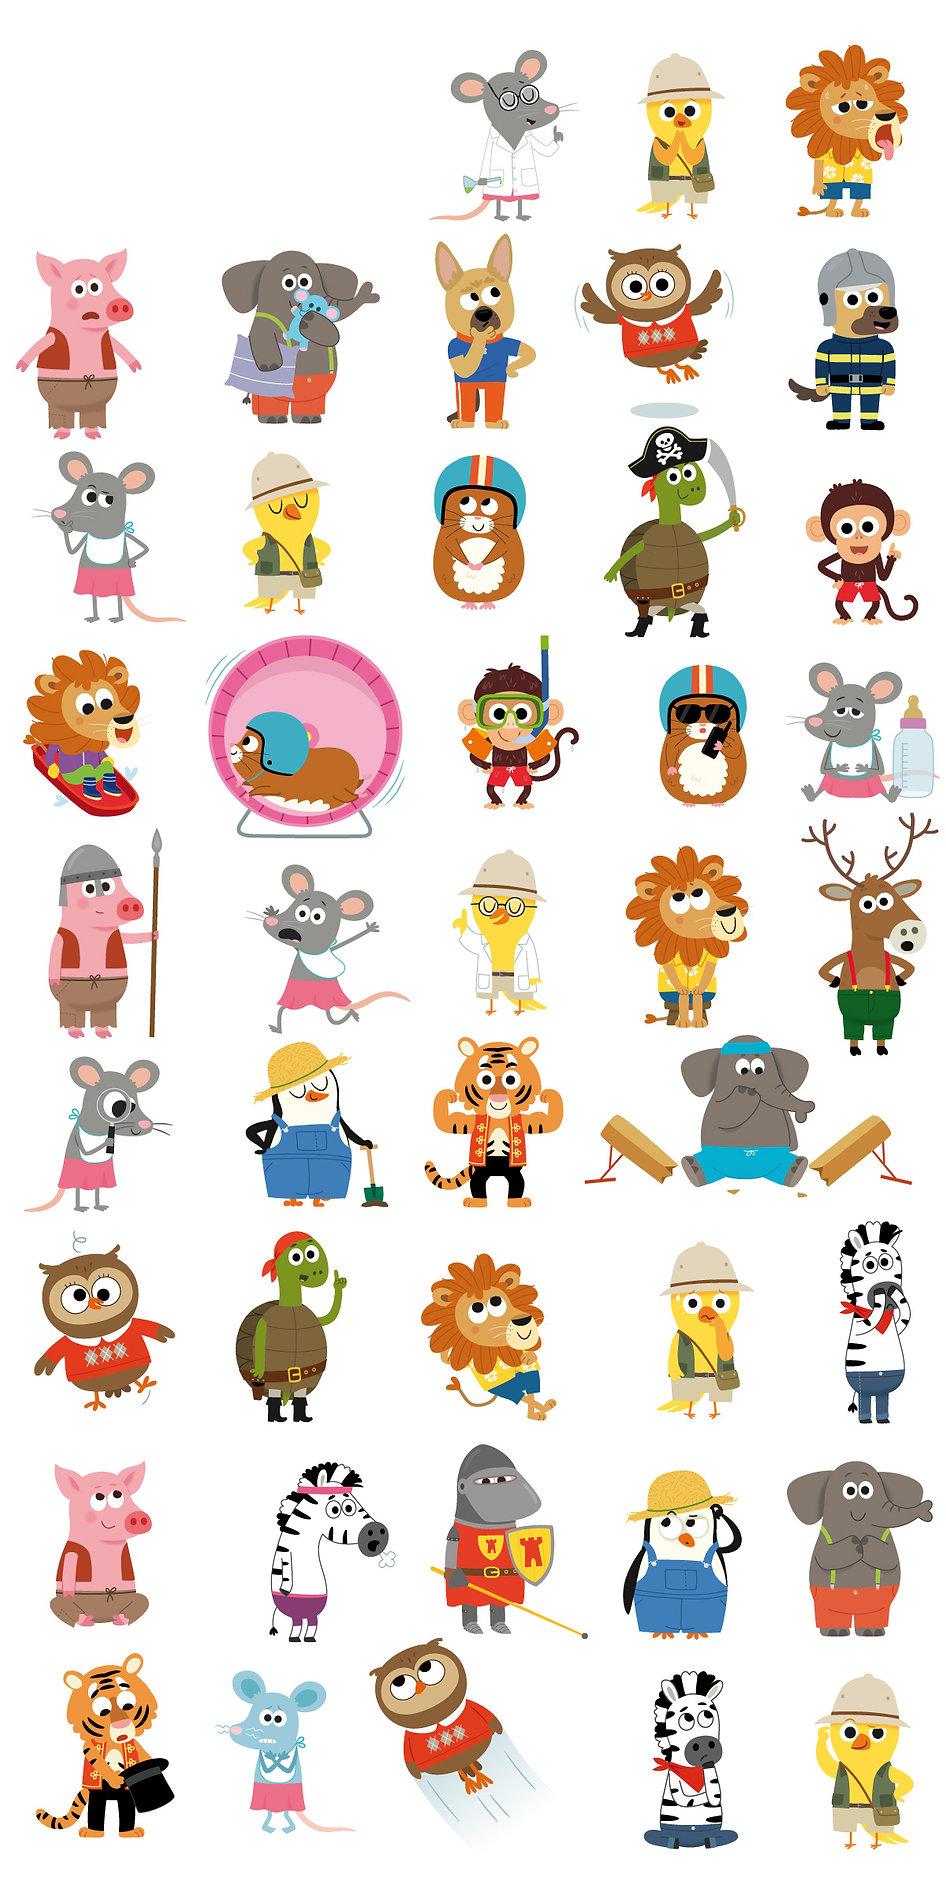 illustrations jeuensse, mascottes animaux Editions  Auzou,  illustrateur : Jean-Sébastien Deheeger